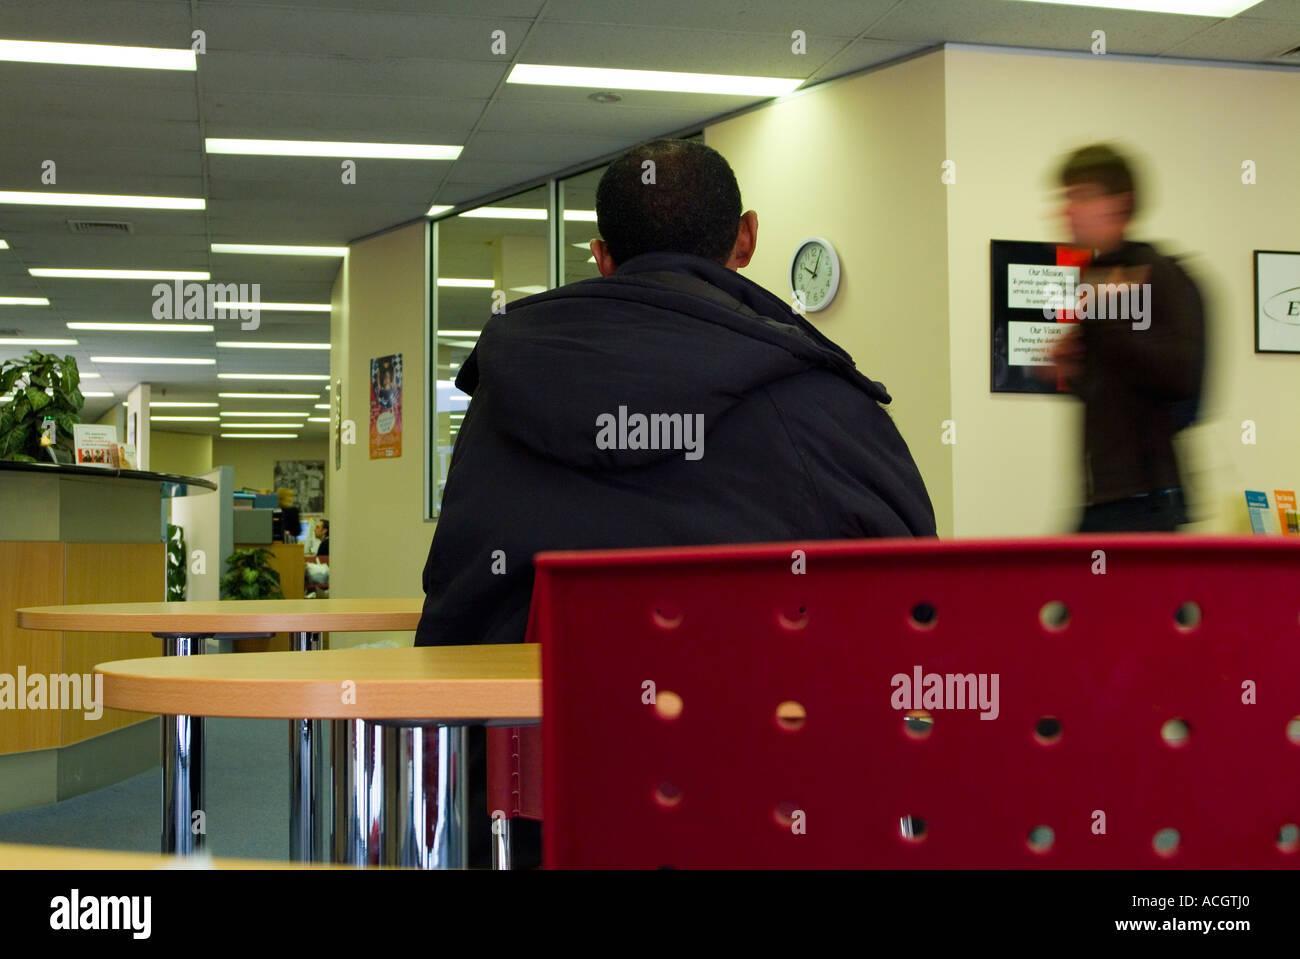 Une personne sans emploi à la recherche d'un emploi en attente dans un bureau d'emploi Photo Stock